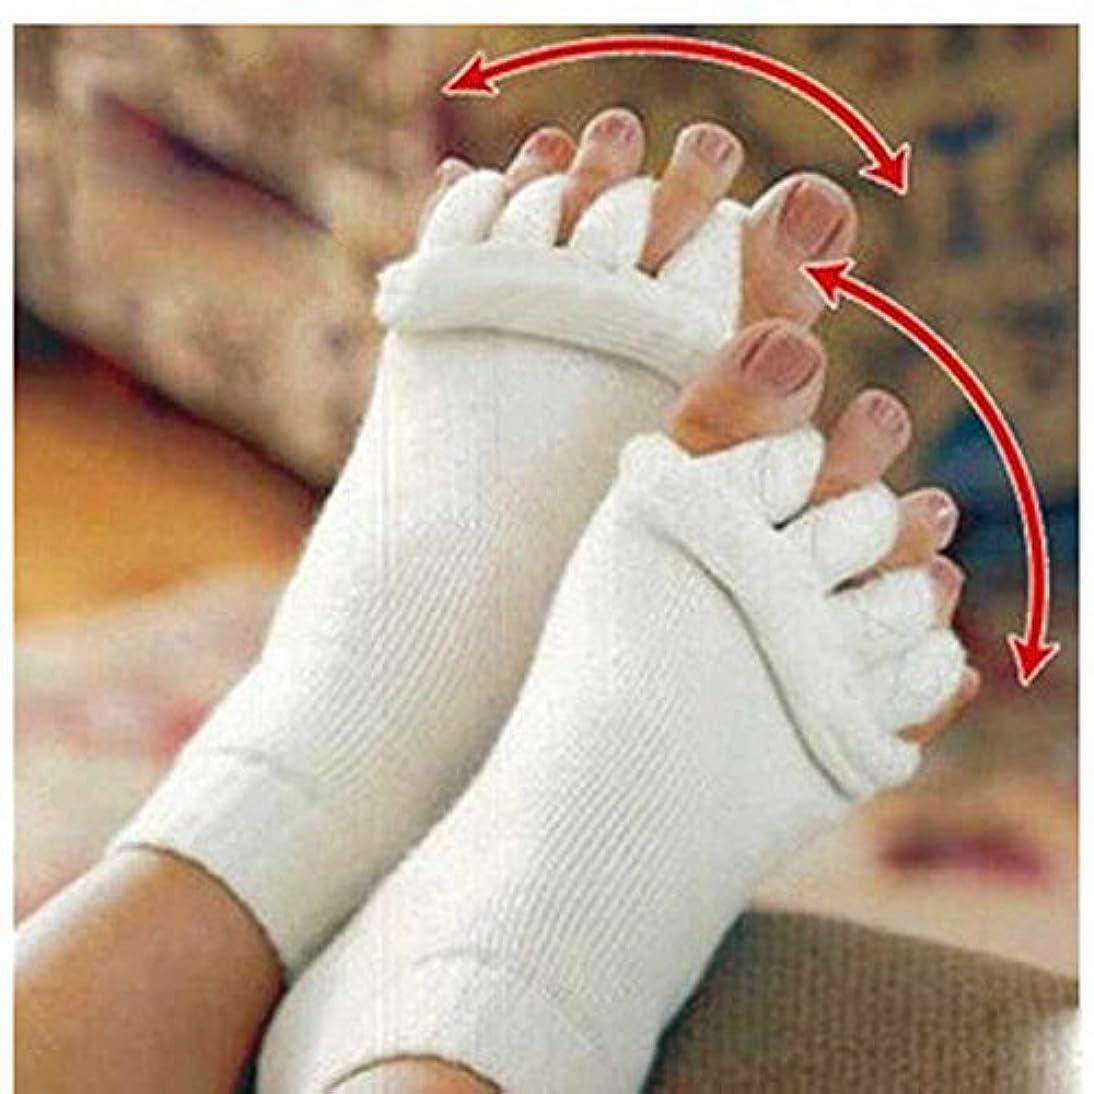 アイロニー負荷金貸しLorny(TM) 2個マッサージファイブつま先ソックス指セパレーター骨の親指女性ソックスのためにコレクターの痛みを軽減するソックスペディキュア足セパレーターについて